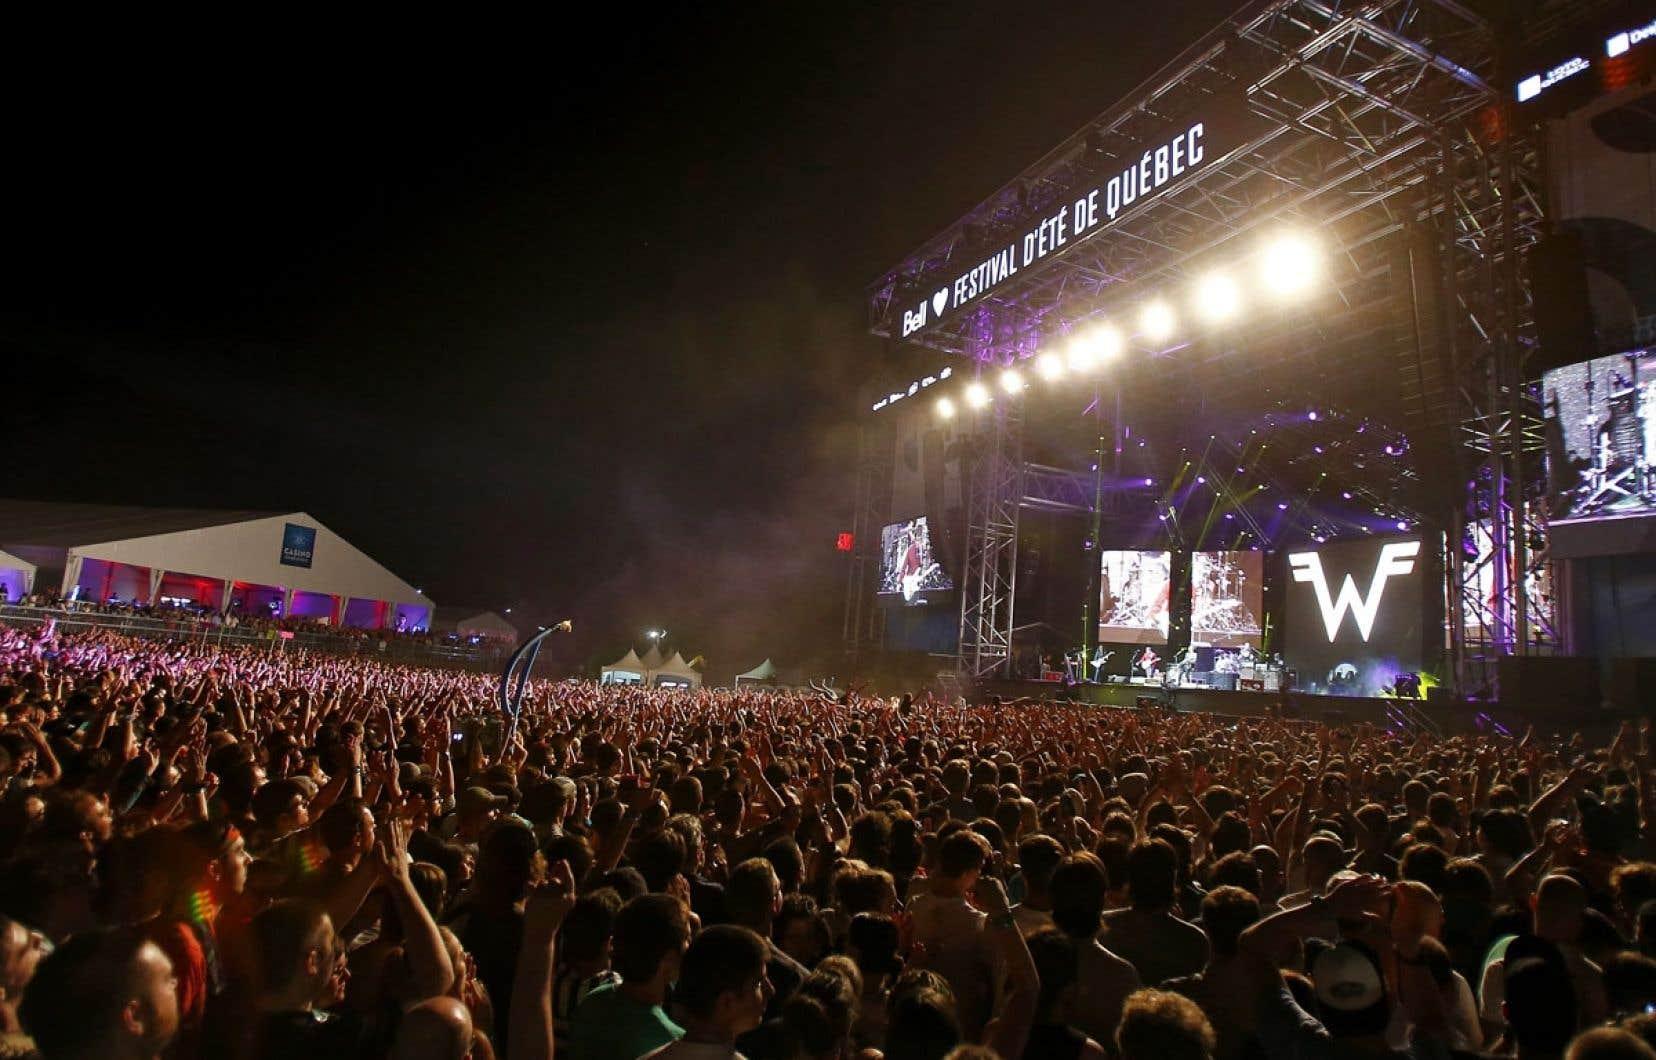 «Le Festival d'été, c'est tellement démocratique, populaire, ça appartient à la population [...] il ne doit y avoir aucune conséquence négative sur le Festival par suite de l'arrivée de Québecor», explique le maire Labeaume.